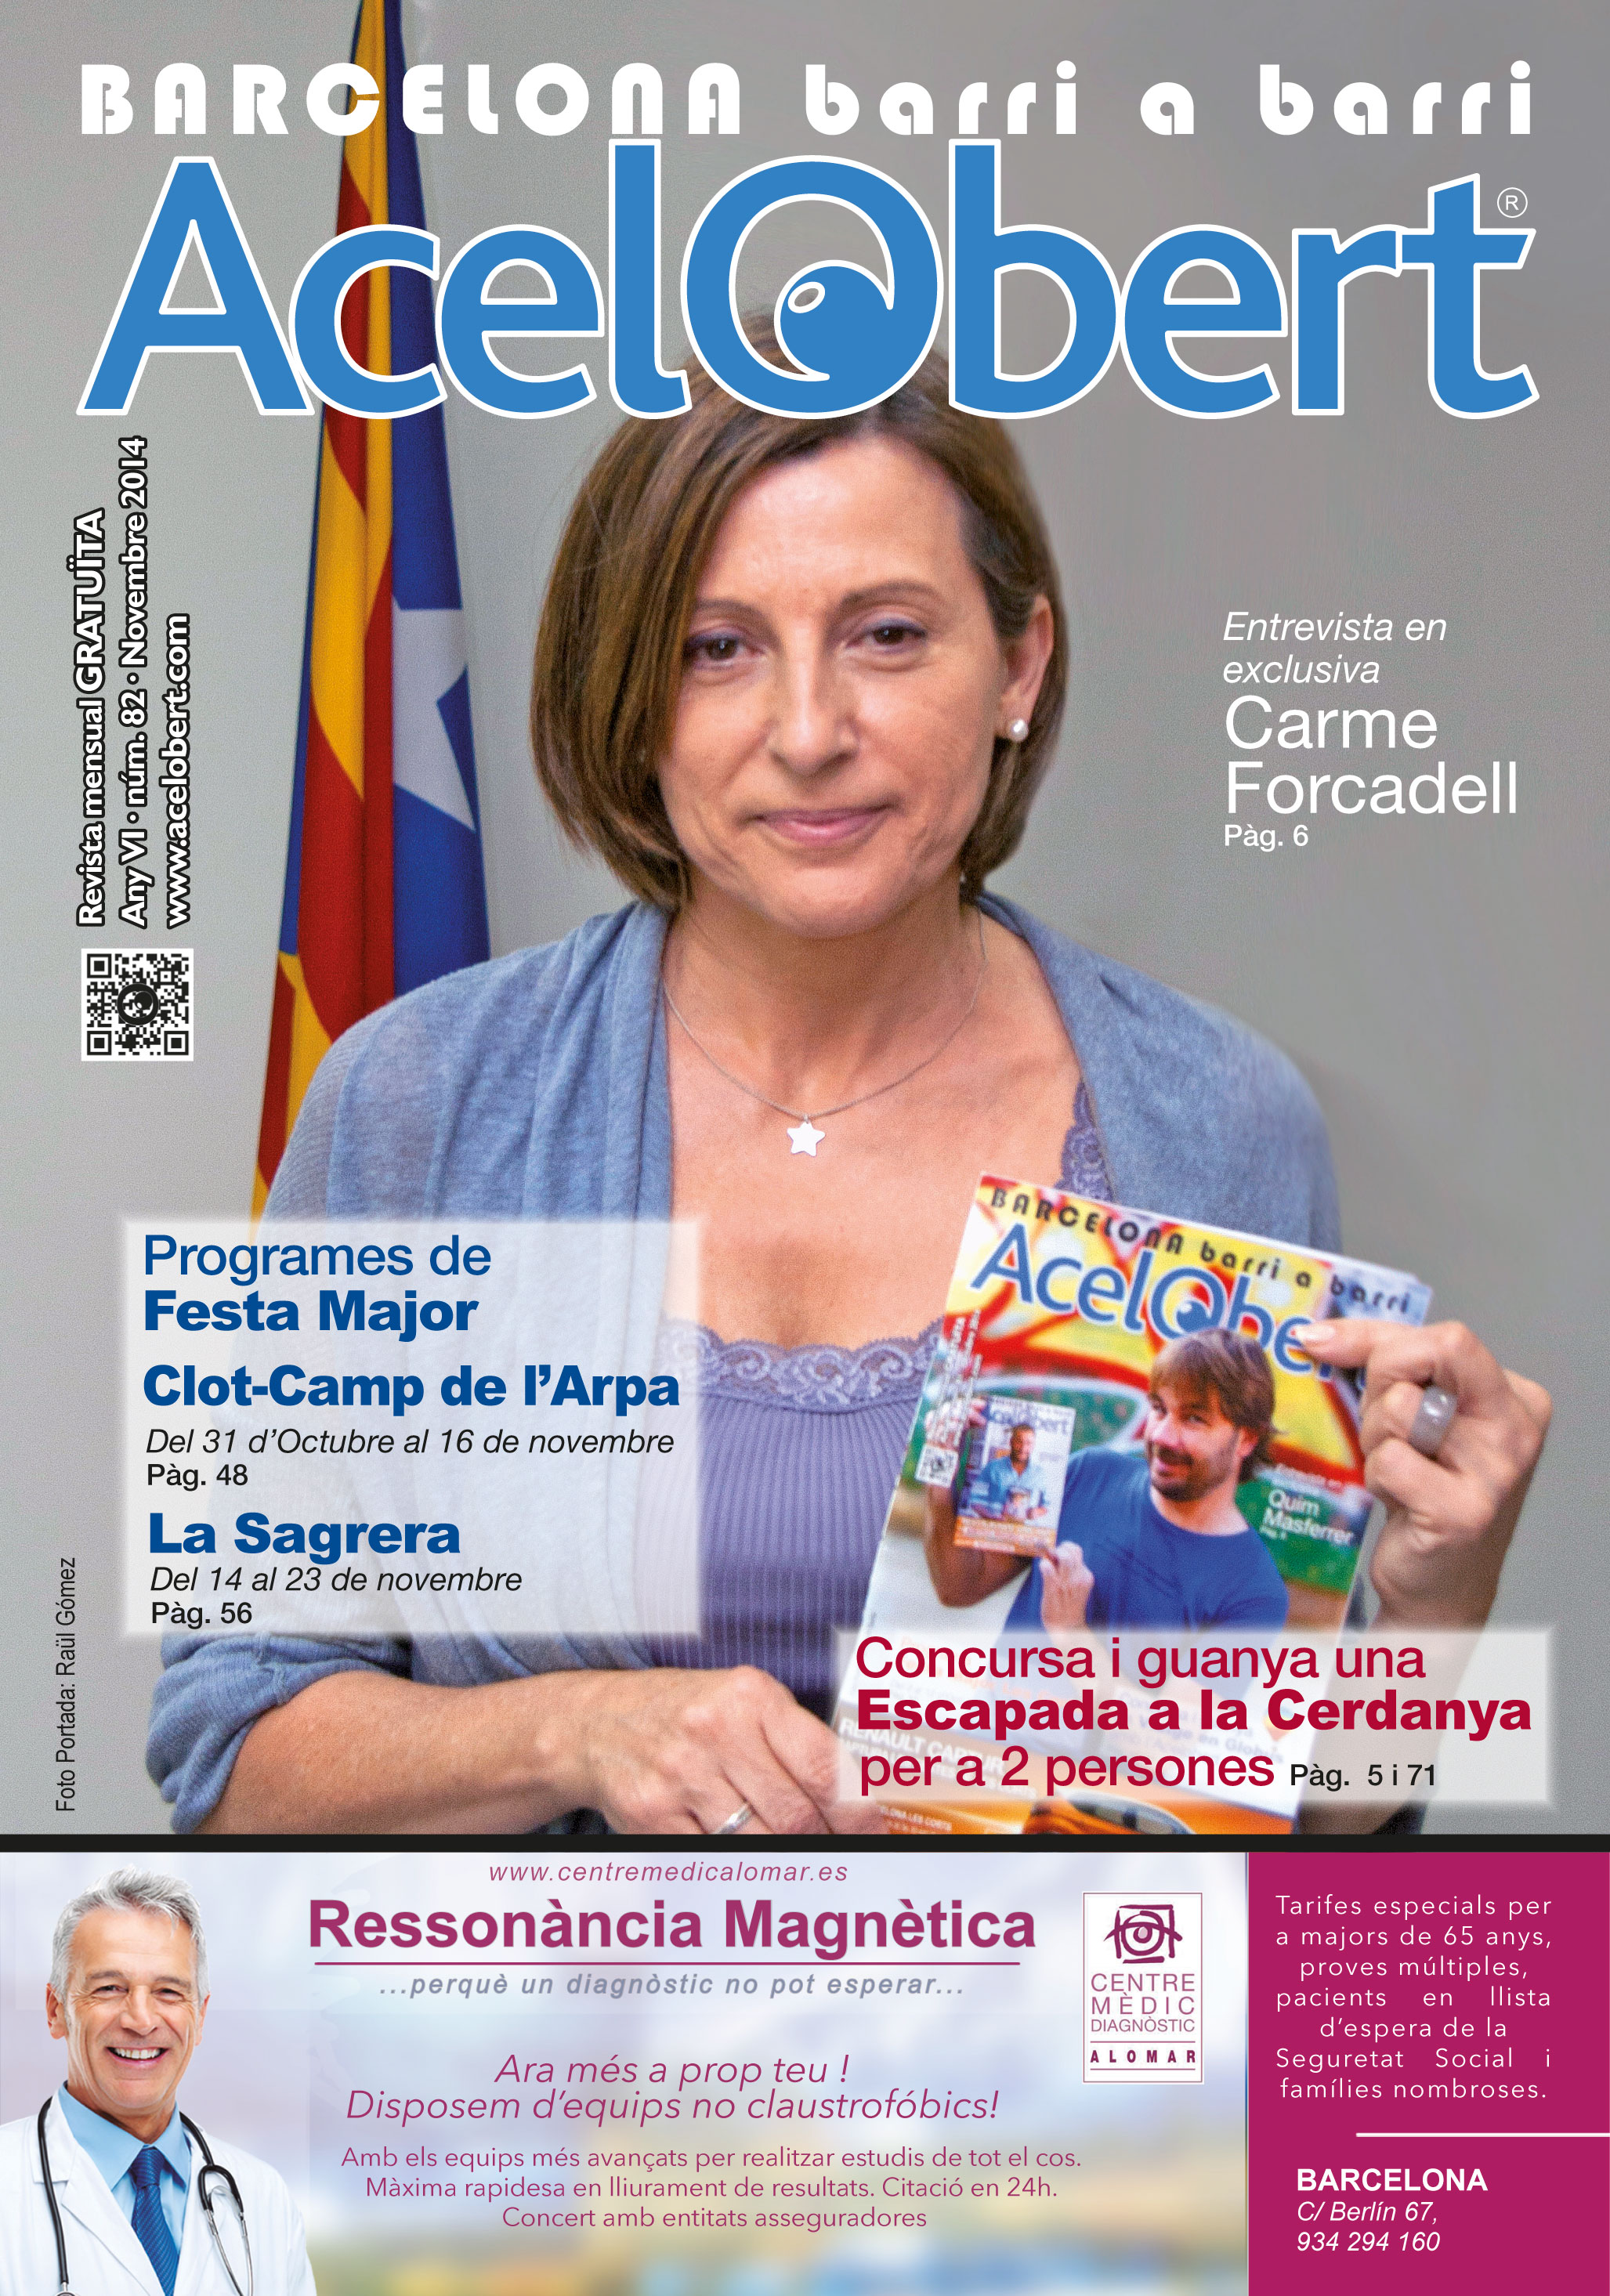 Acelobert Barcelona nº82 Novembre 2014